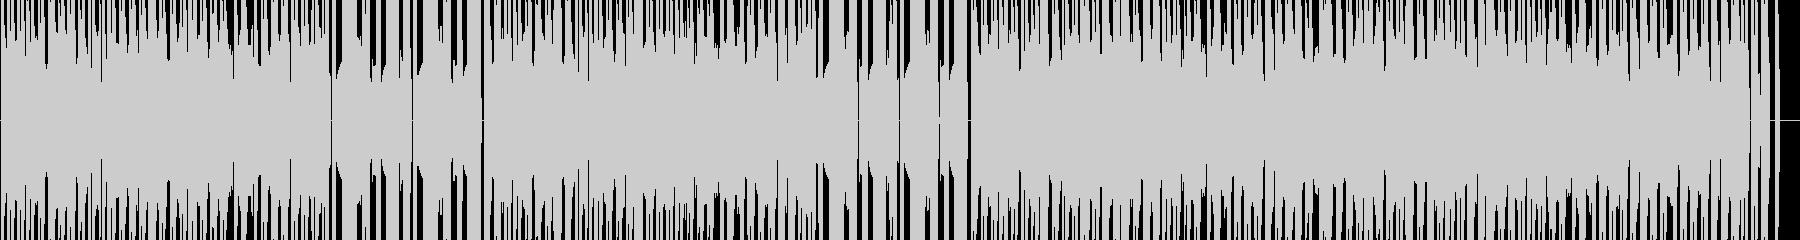 ファミコン和風アクションのショップの未再生の波形